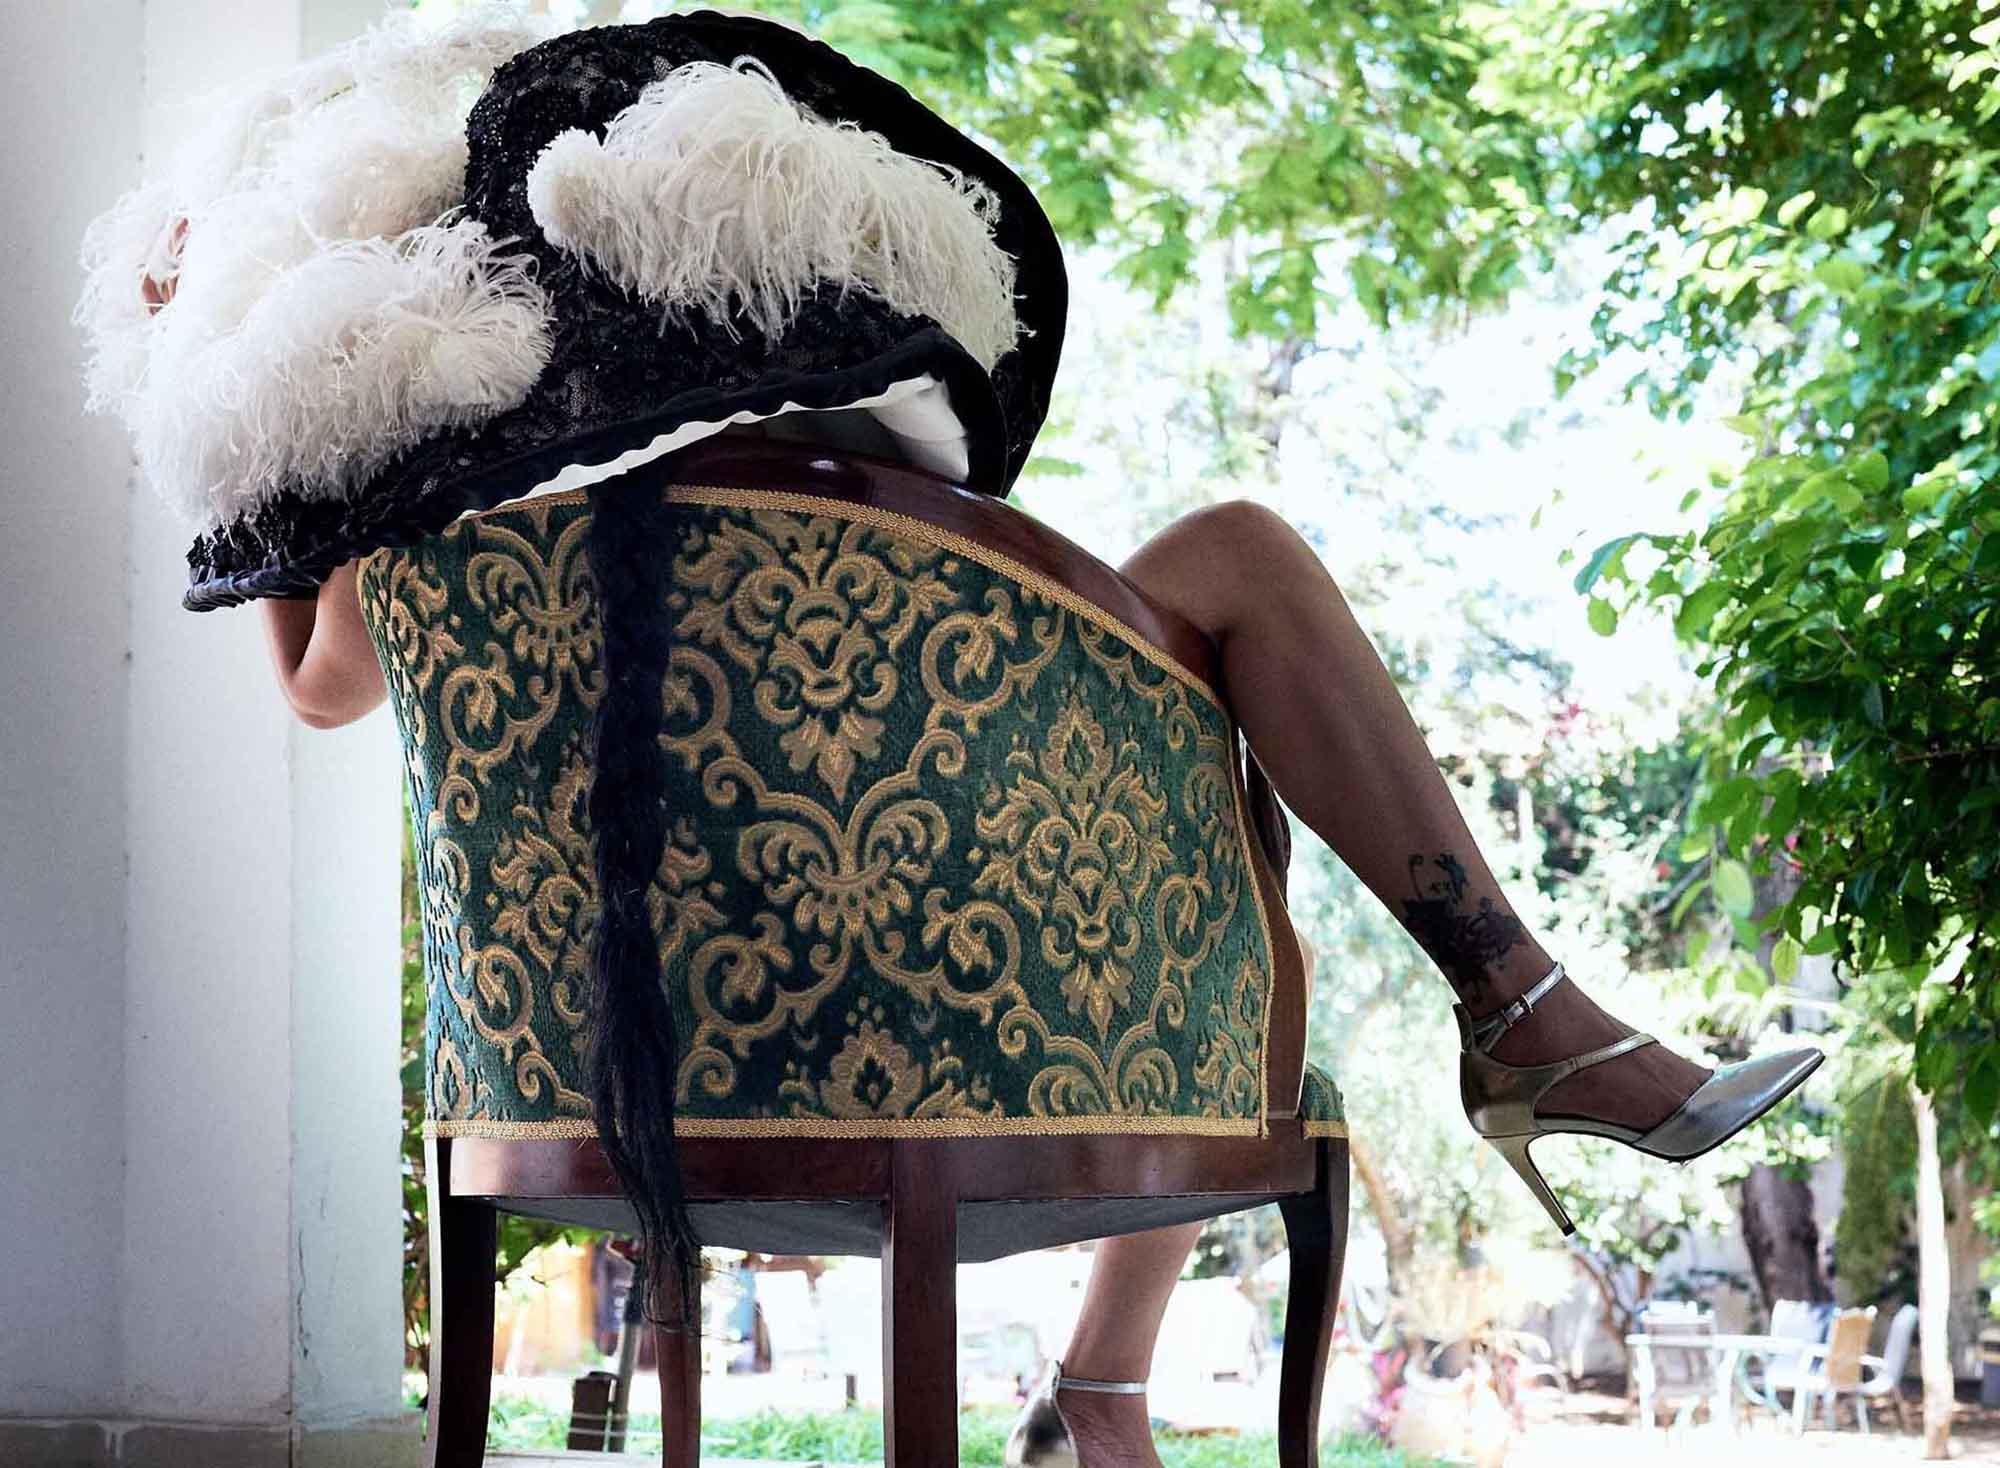 אופנה, כתבות, סטיילינג בית בוטיק ניבה, צילום kim kandler - -8